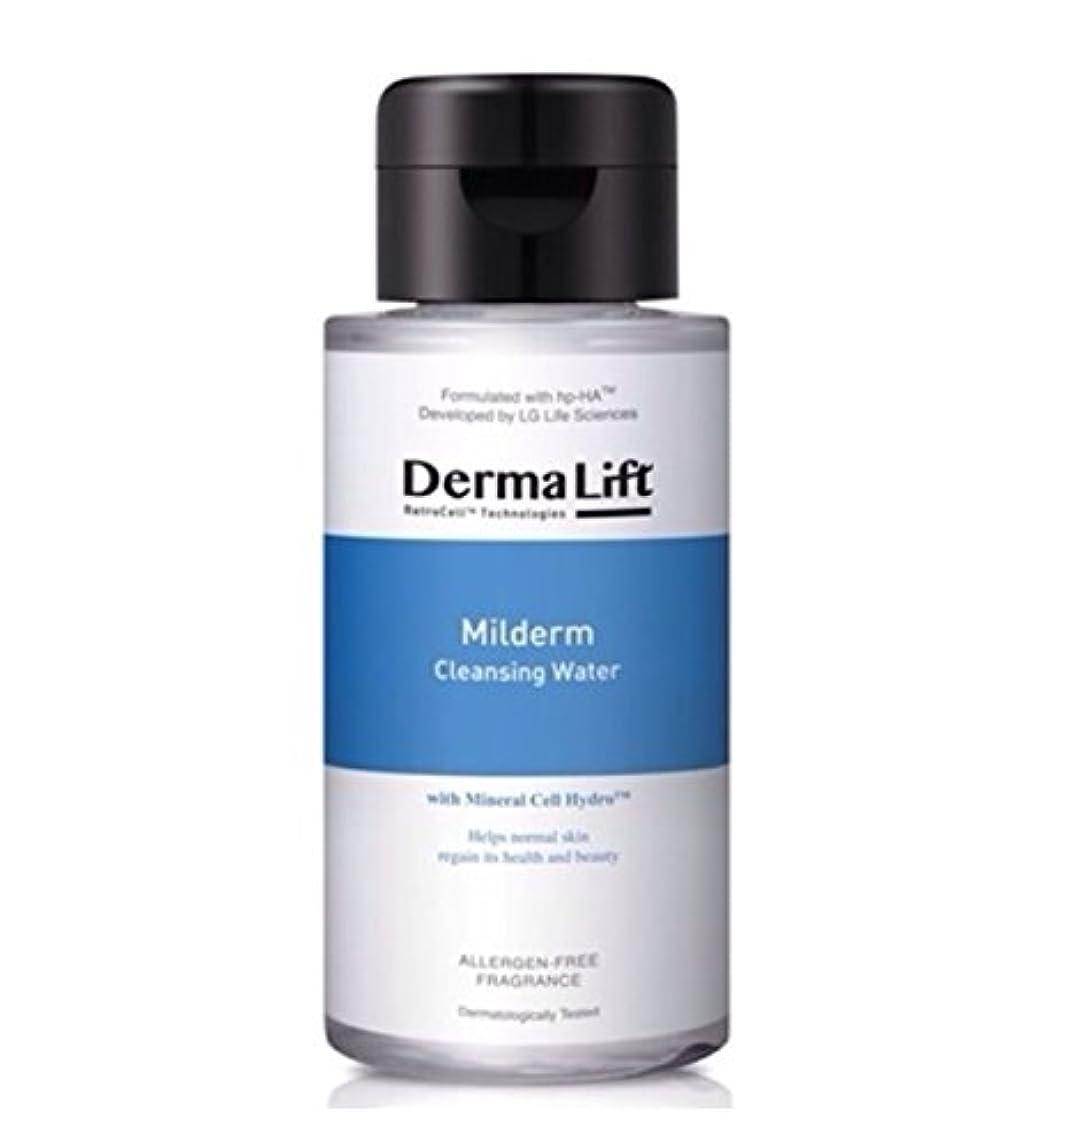 男性怪しい確率Derma Lift ダーマリフトマイルおまけクレンジングウォーター 300ml / Derma Lift MILDERM CLEANSING WATER 300ml [海外直送品]